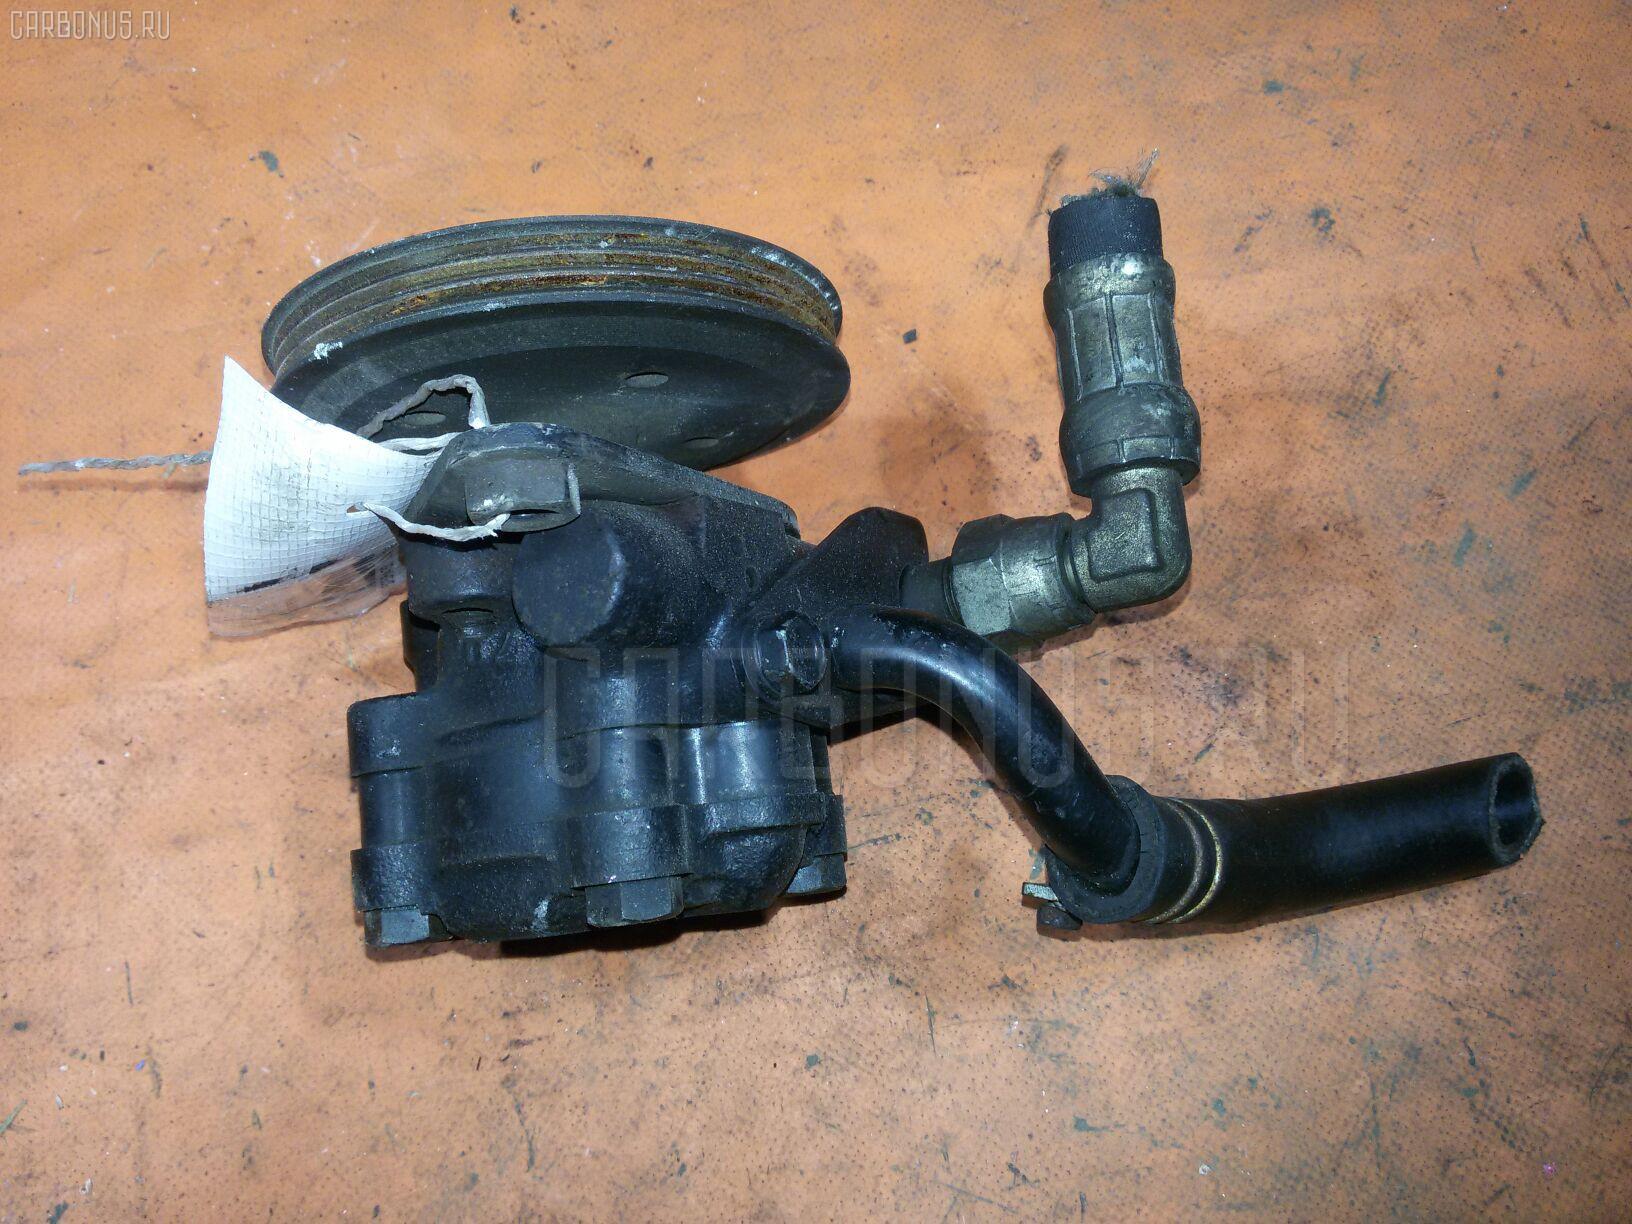 Гидроусилителя насос. Фото 5